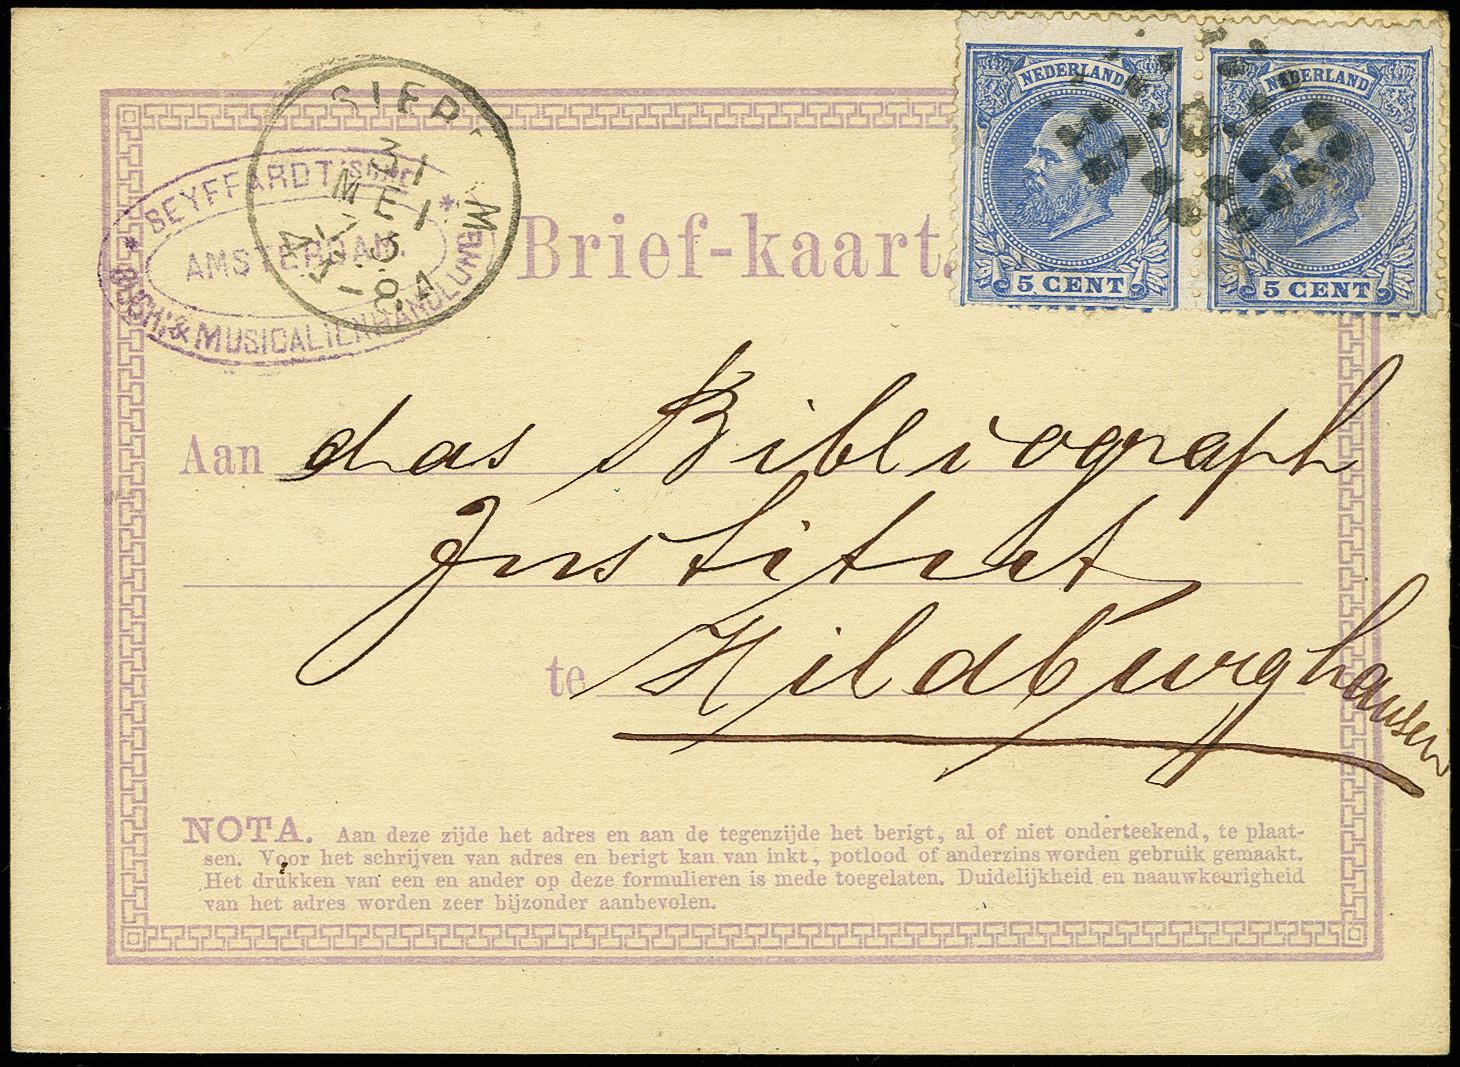 Lot 663 - europe Netherlands -  Heinrich Koehler Auktionen Auction #366